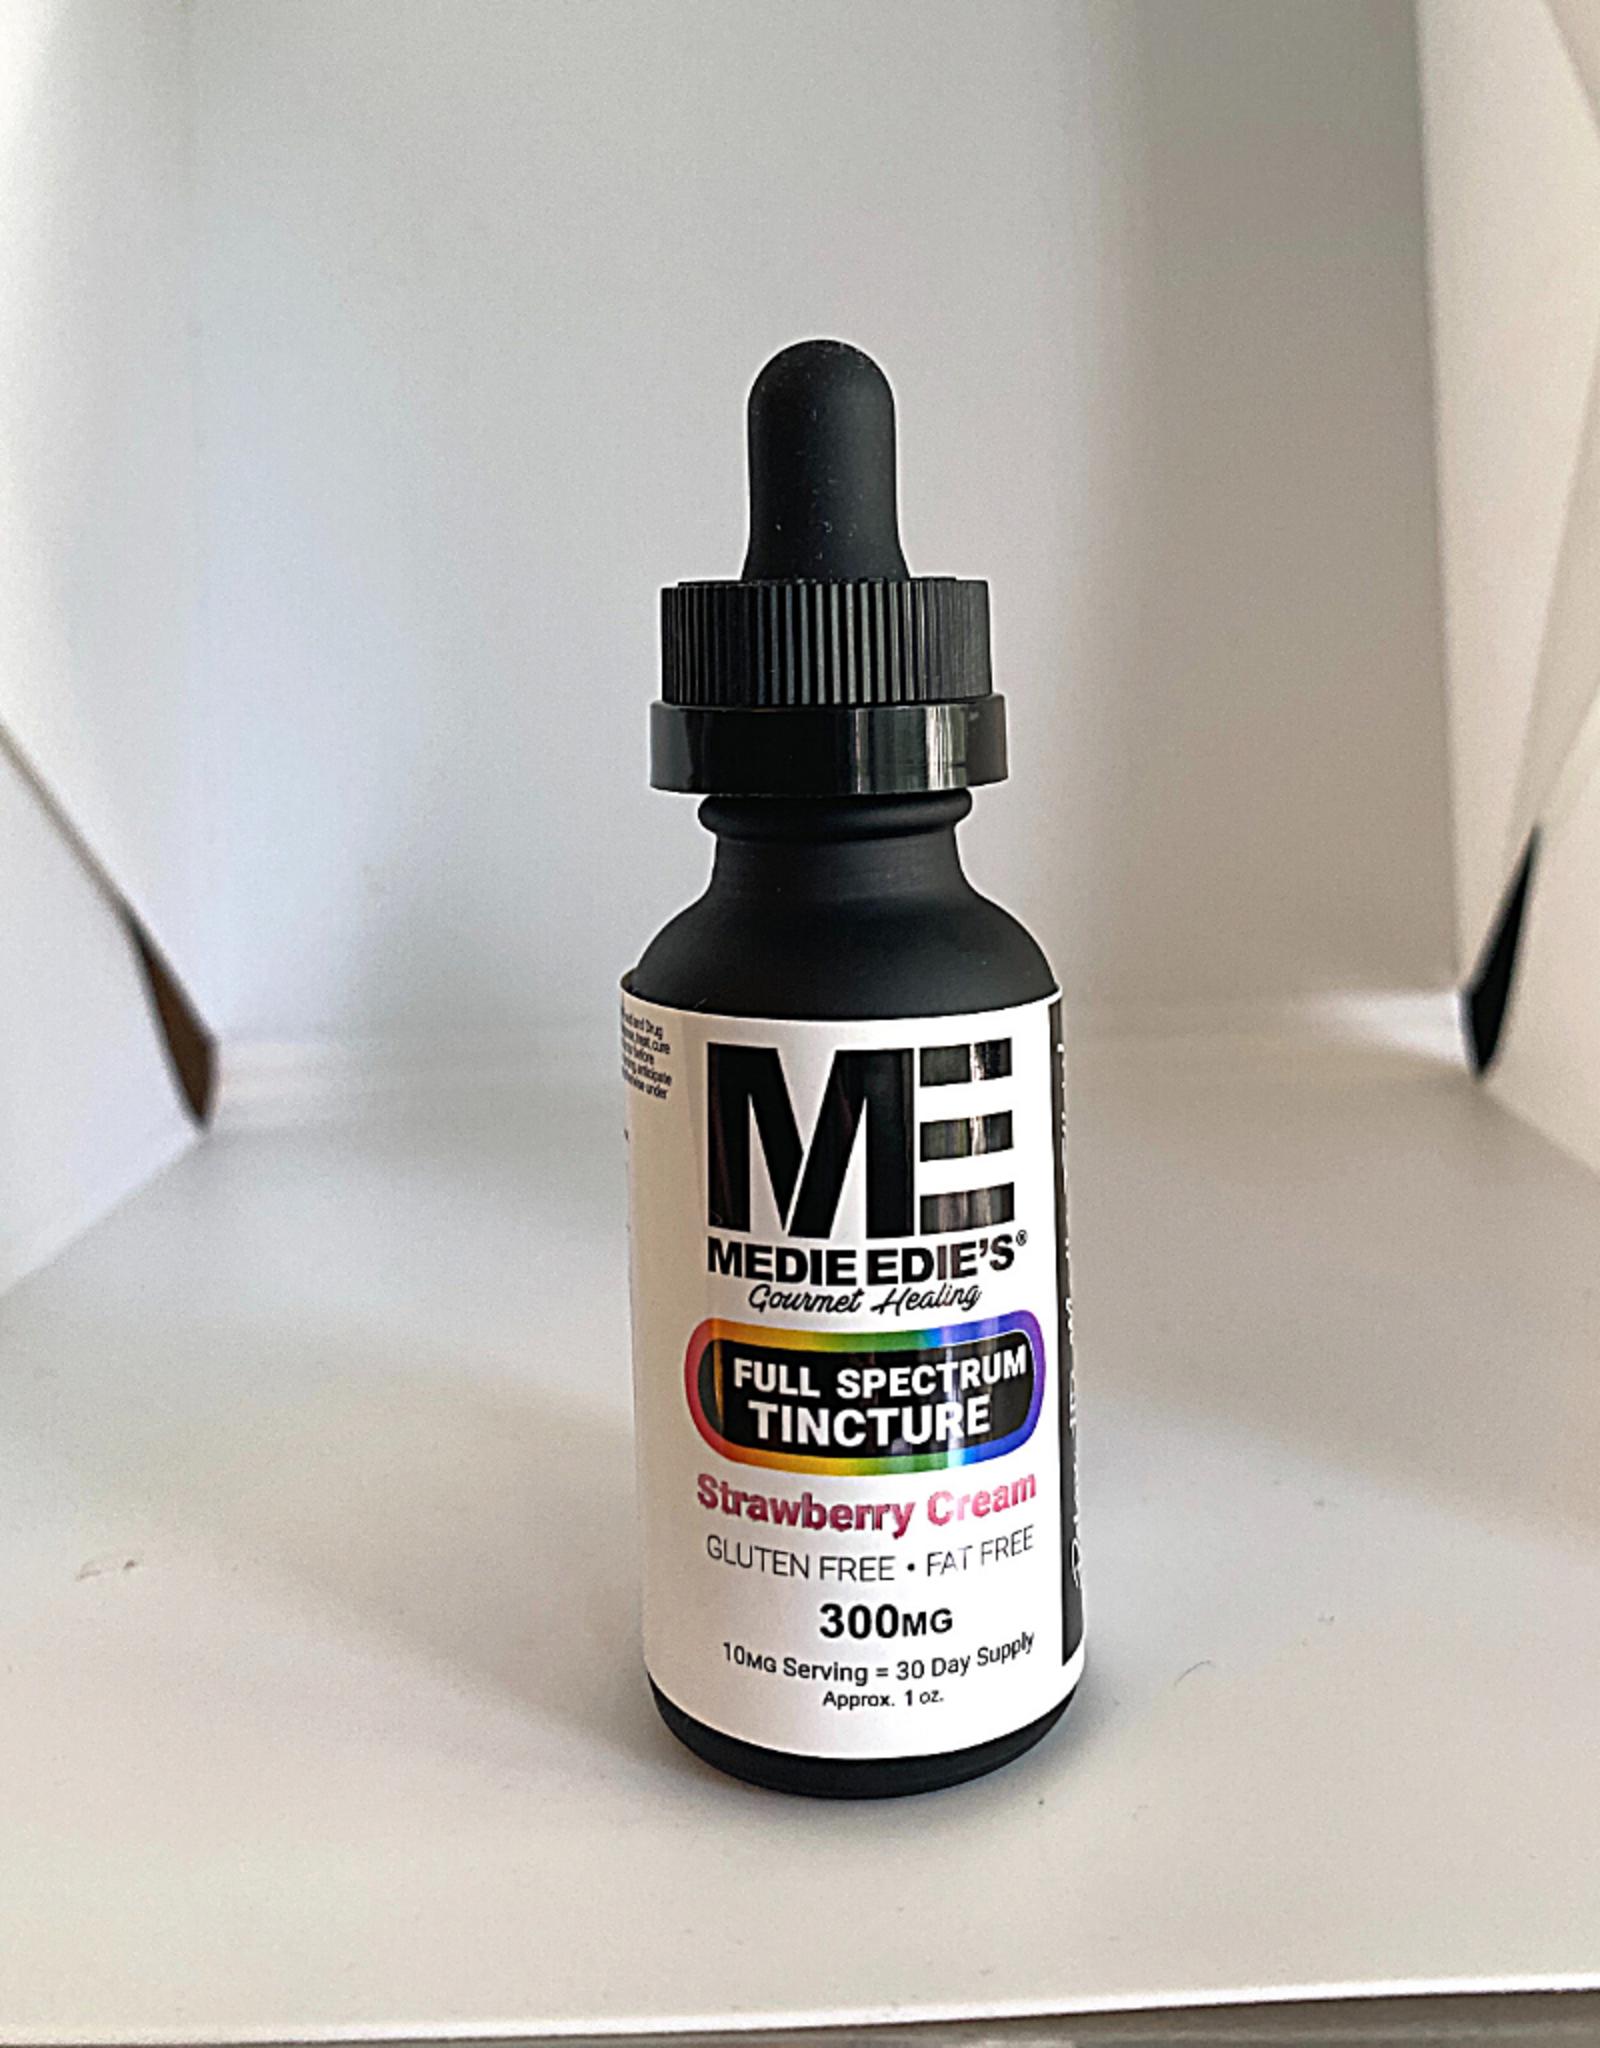 Medie Edie's Medie Edie's 30ml Full Spectrum Tincture  Strawberry Cream - 10mg.300mg